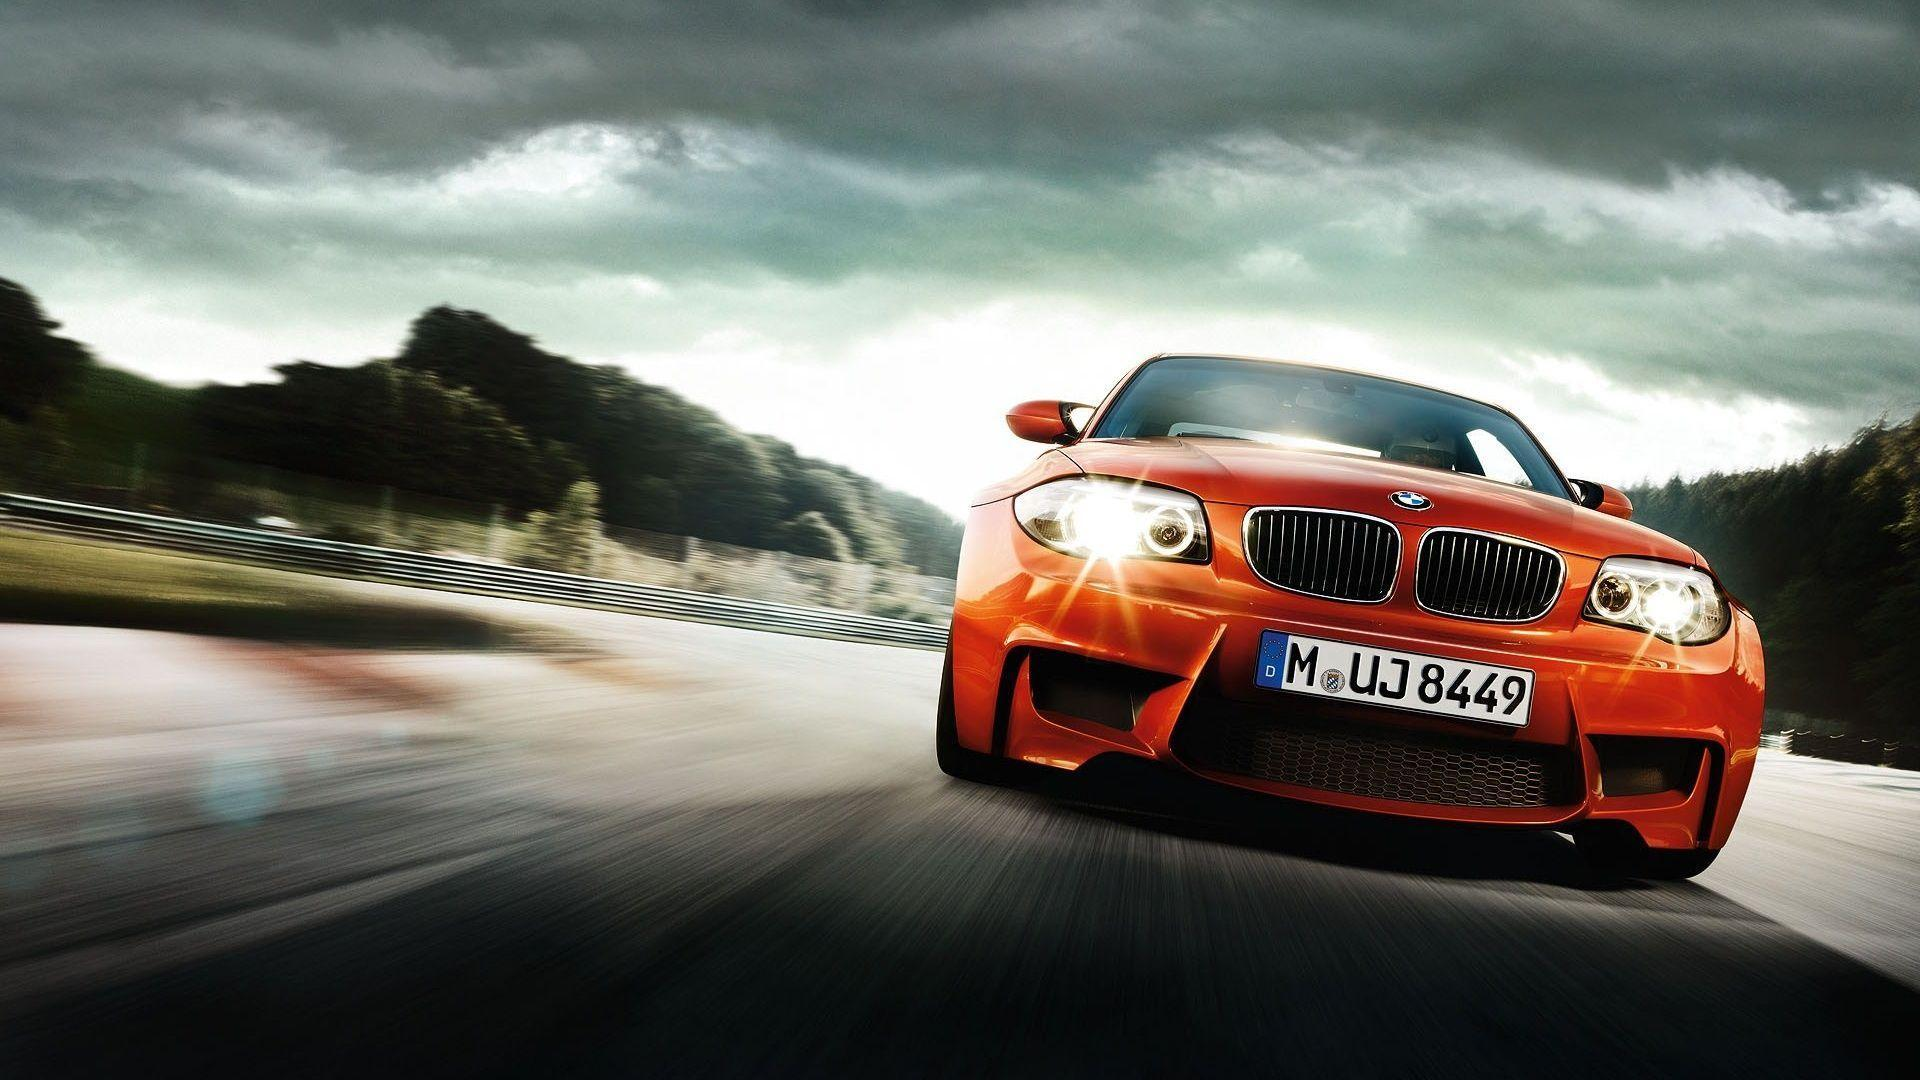 HD Car Wallpapers BMW | WallpapersCharlie